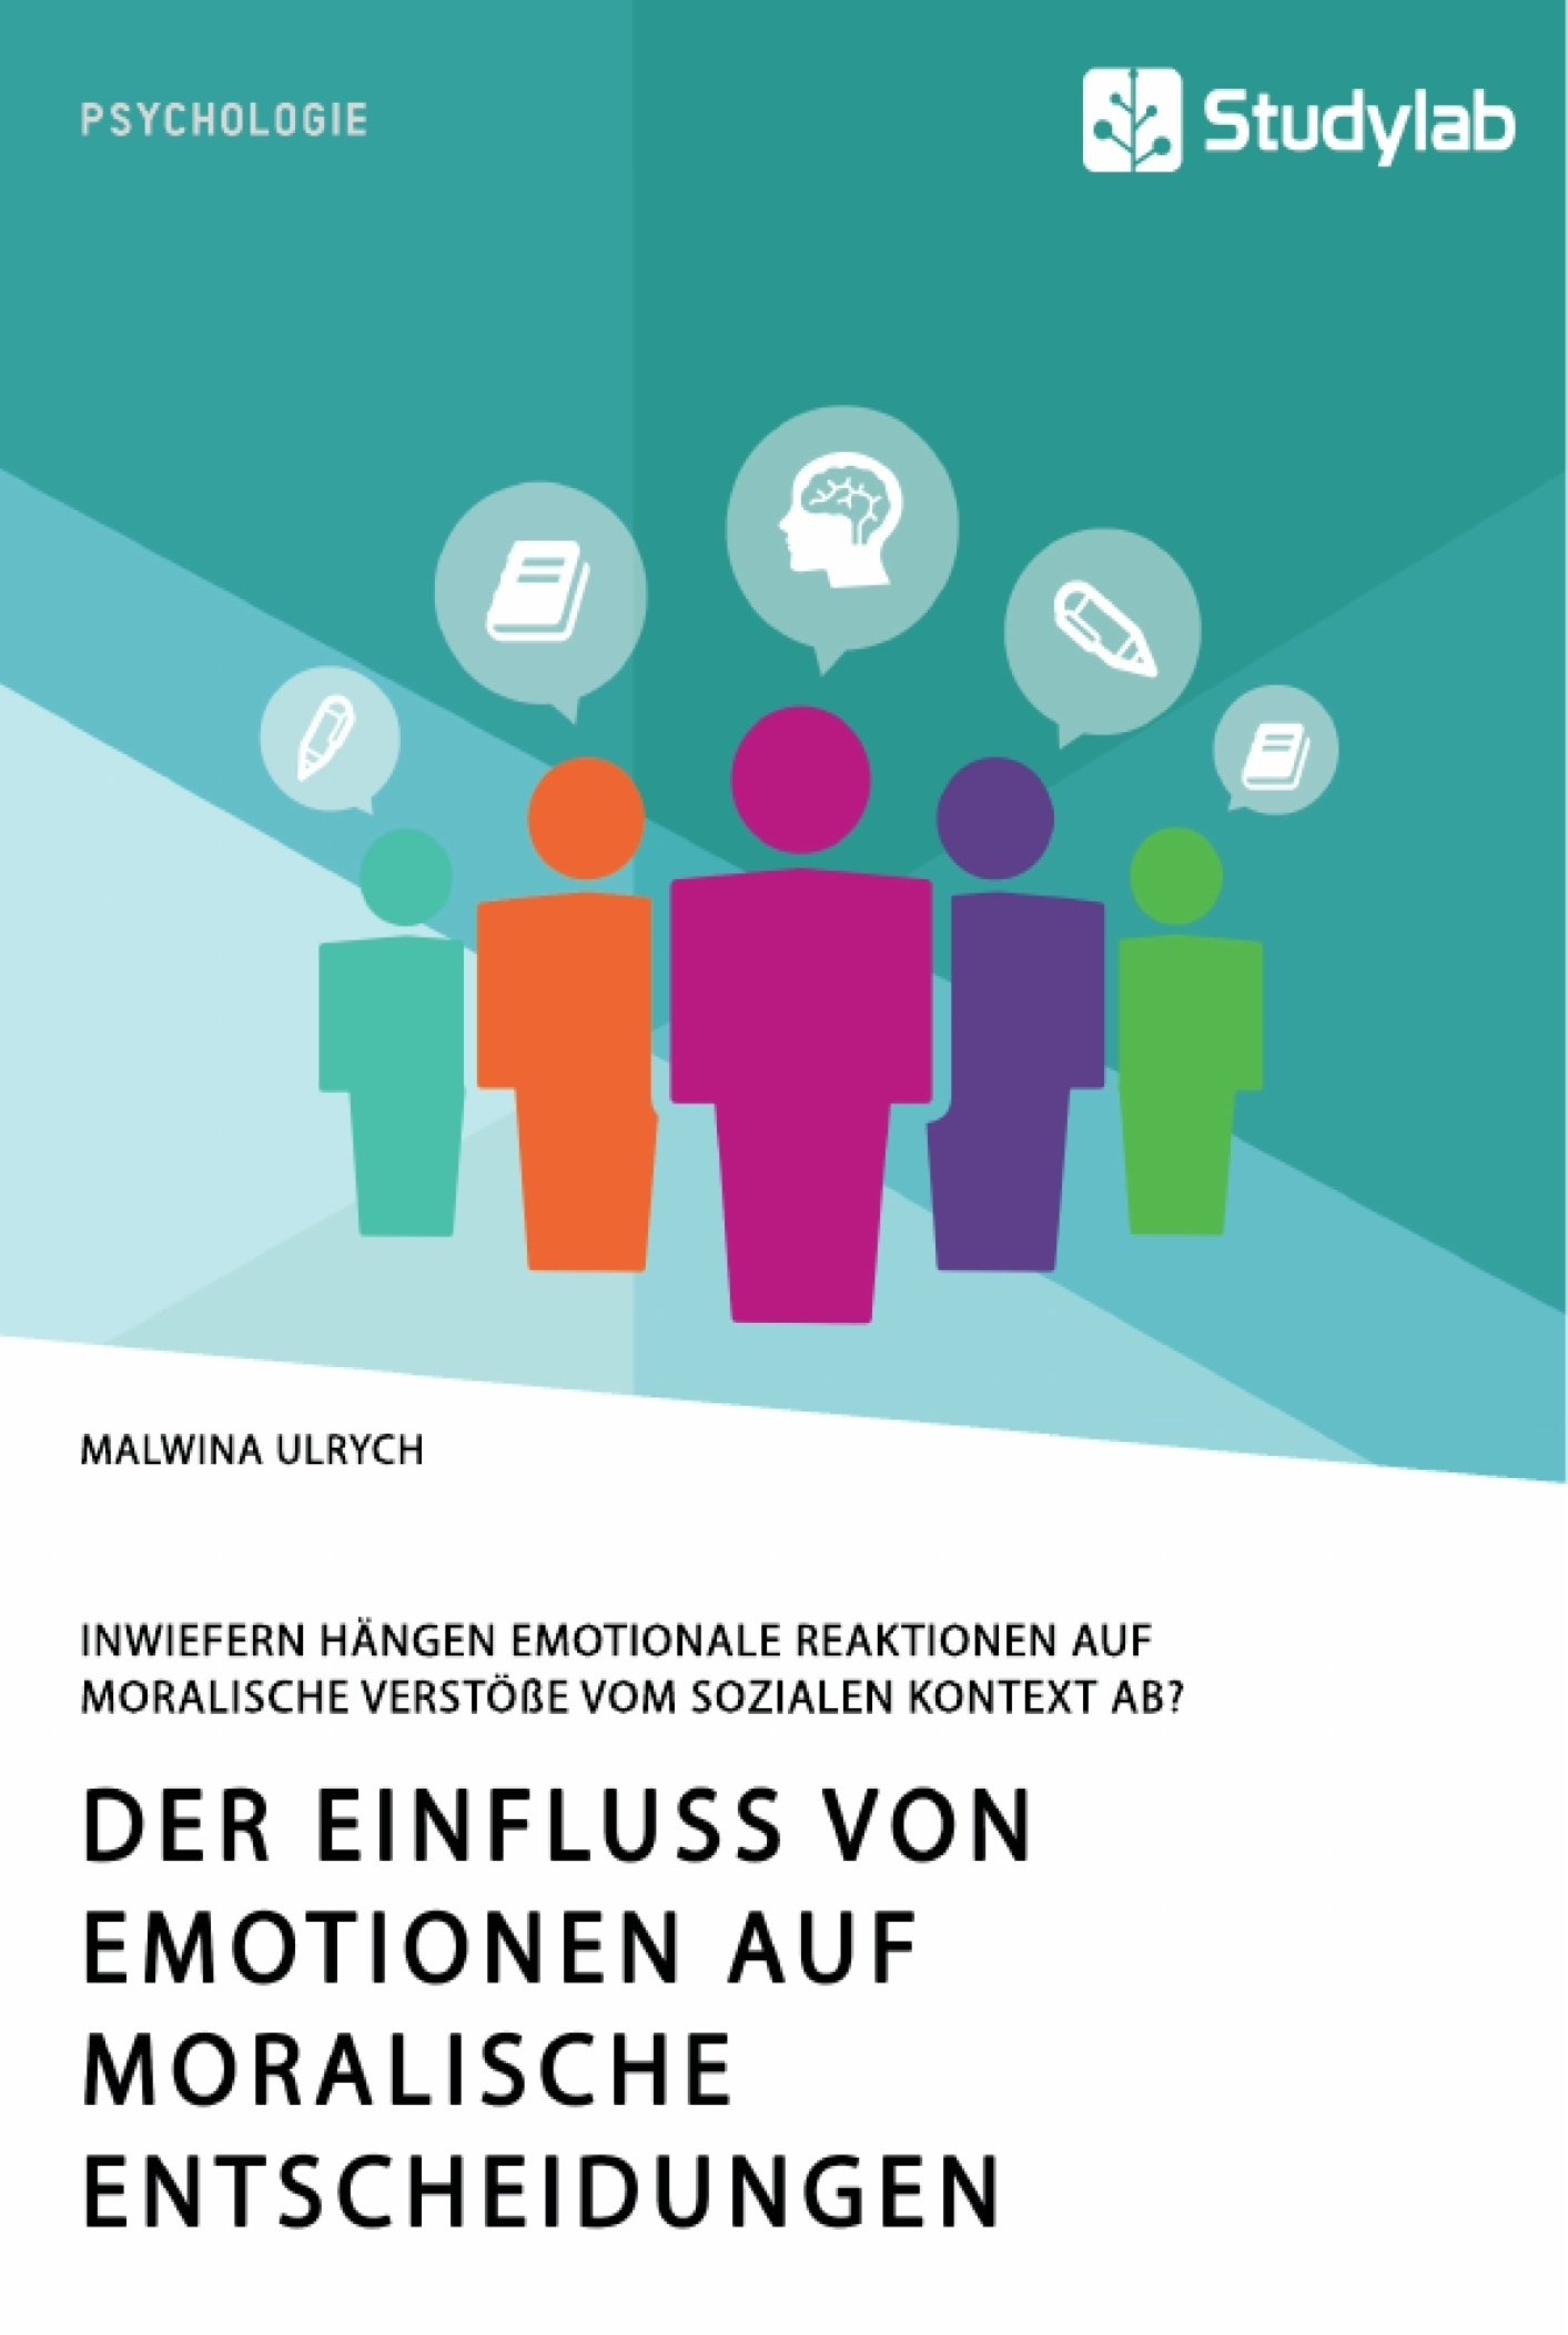 Titel: Der Einfluss von Emotionen auf moralische Entscheidungen. Inwiefern hängen emotionale Reaktionen auf moralische Verstöße vom sozialen Kontext ab?